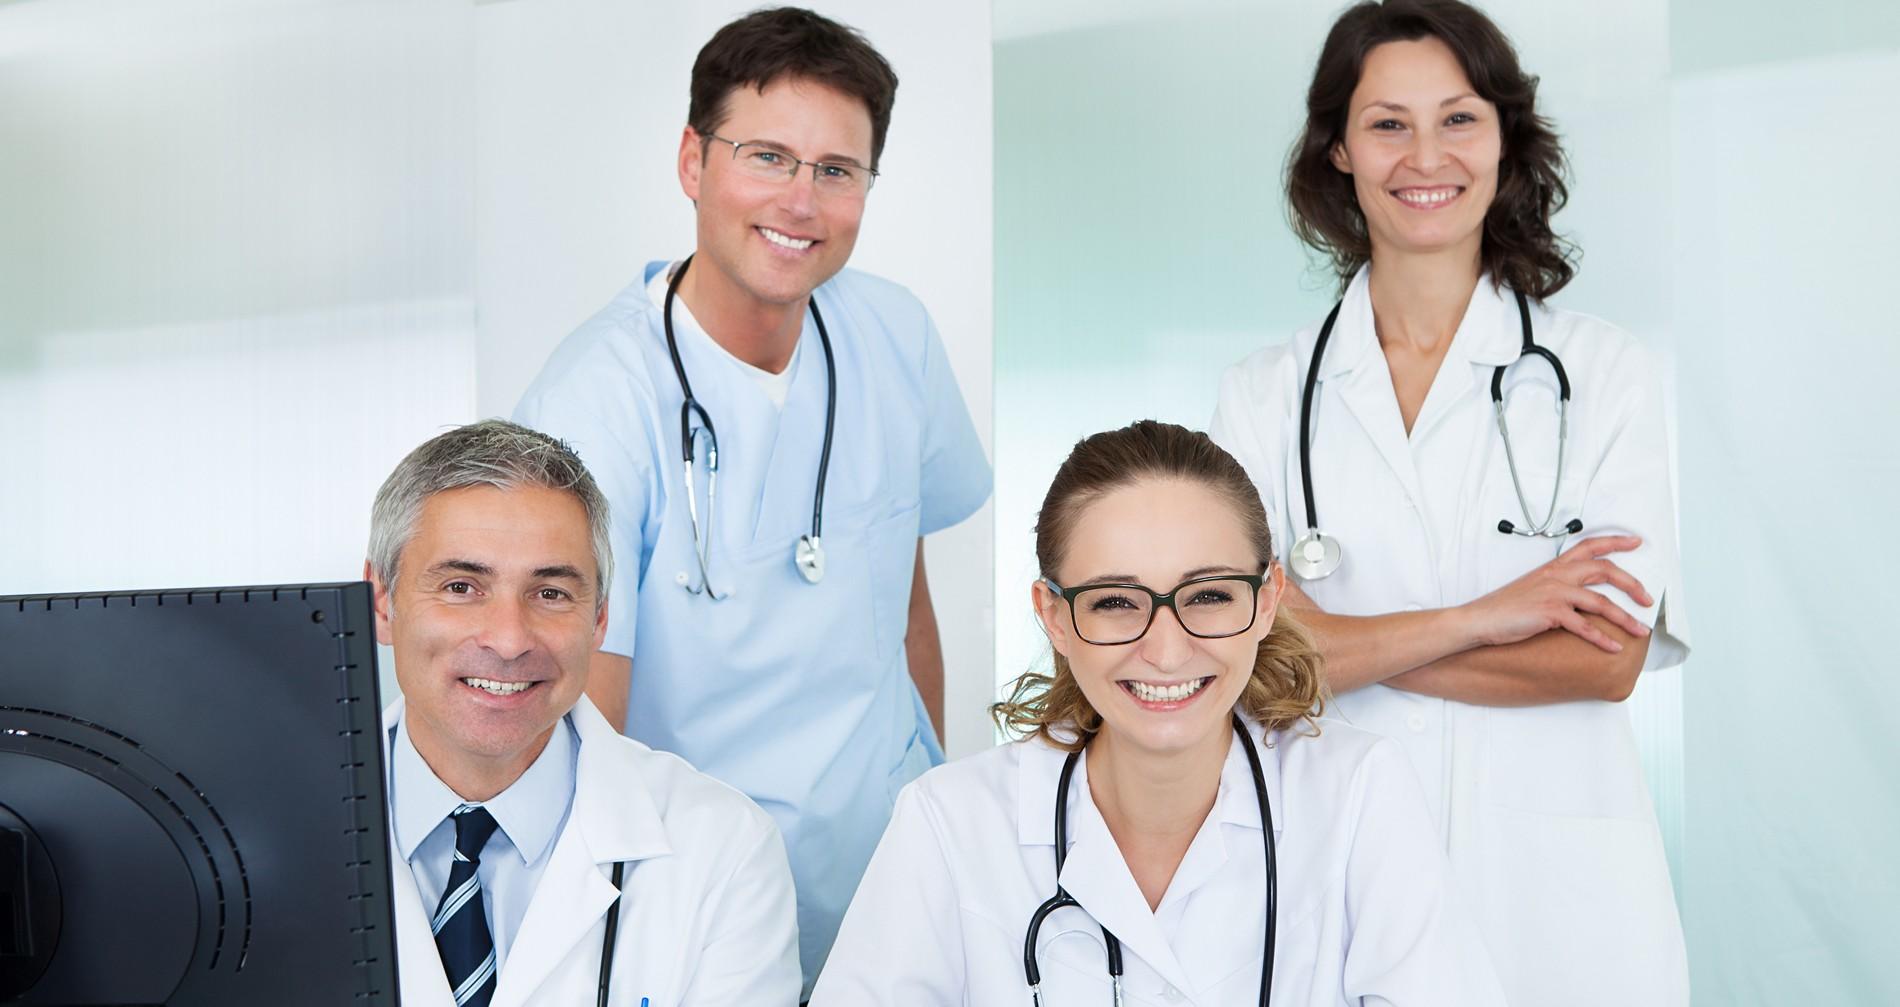 medicalteam